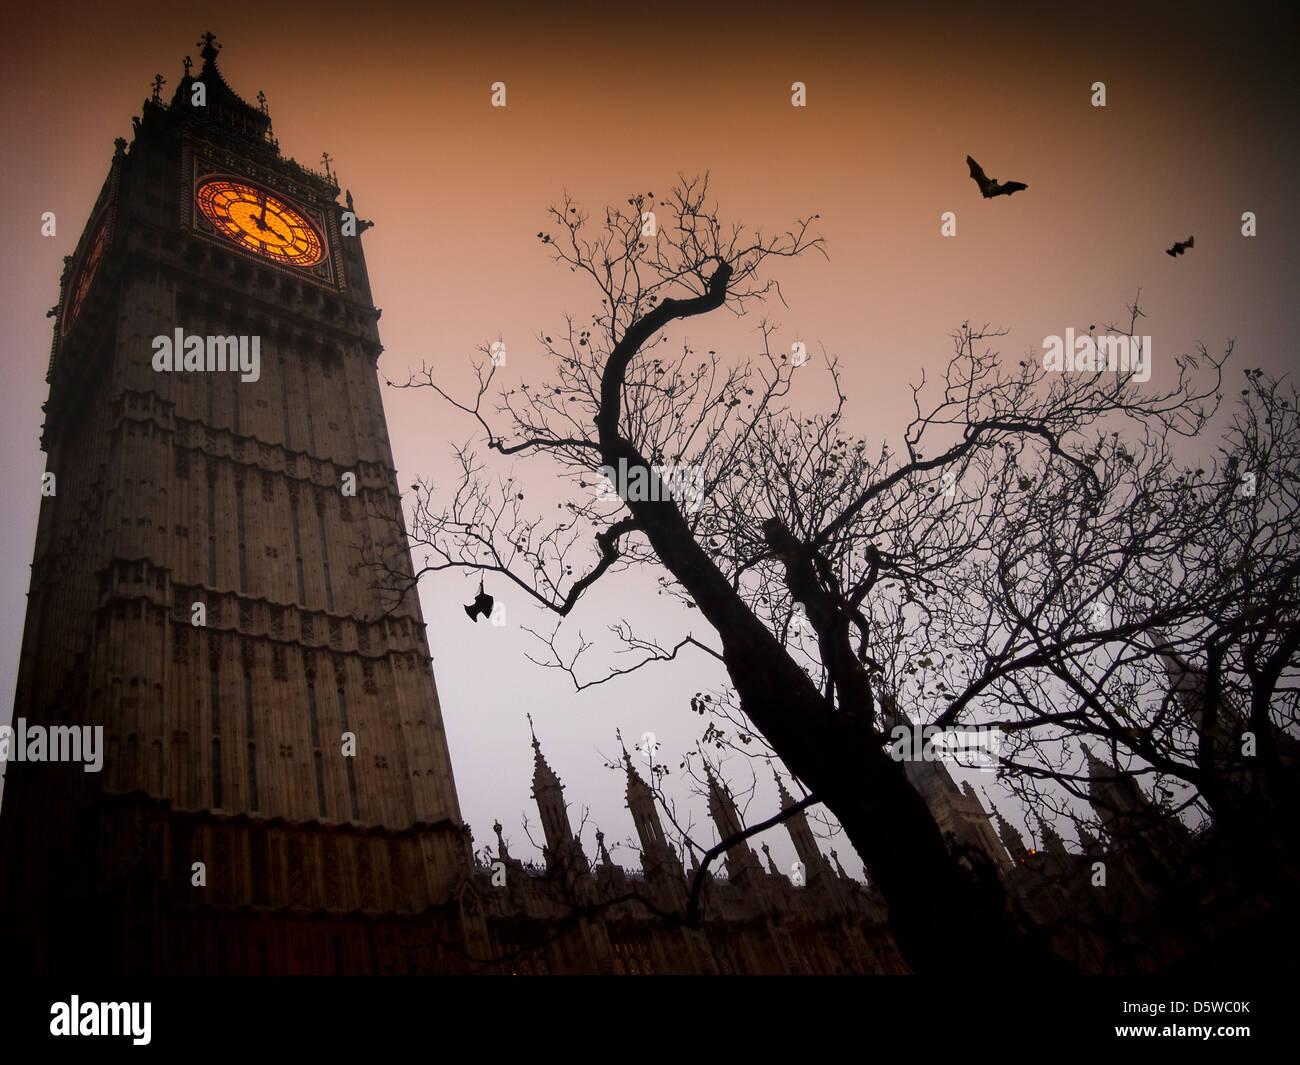 Il spooky Clock Tower of Westminster con un albero nudo e mazze battenti Immagini Stock